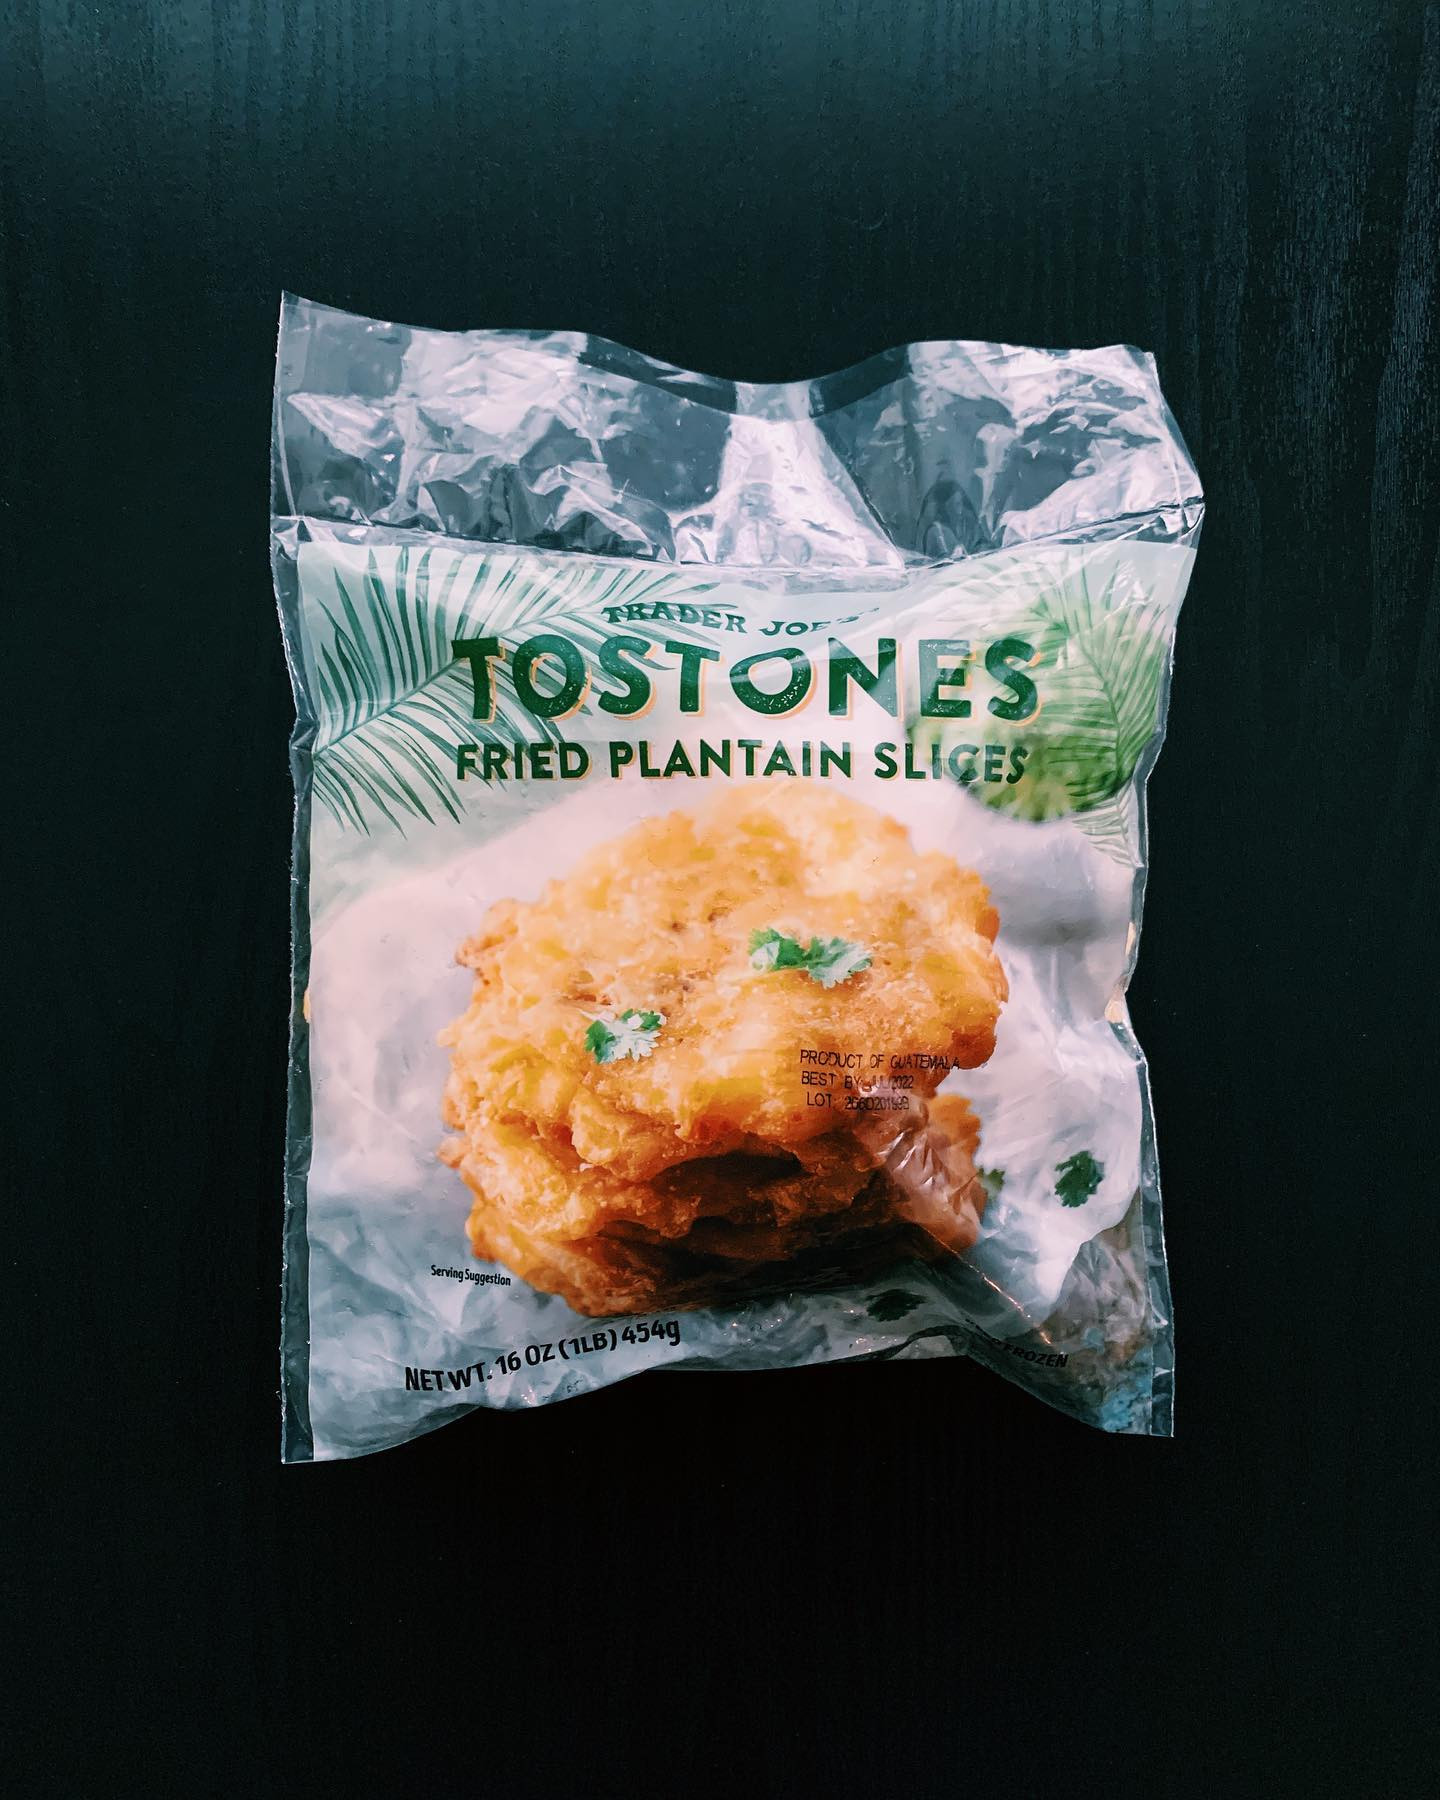 Tostones: 7.5/10